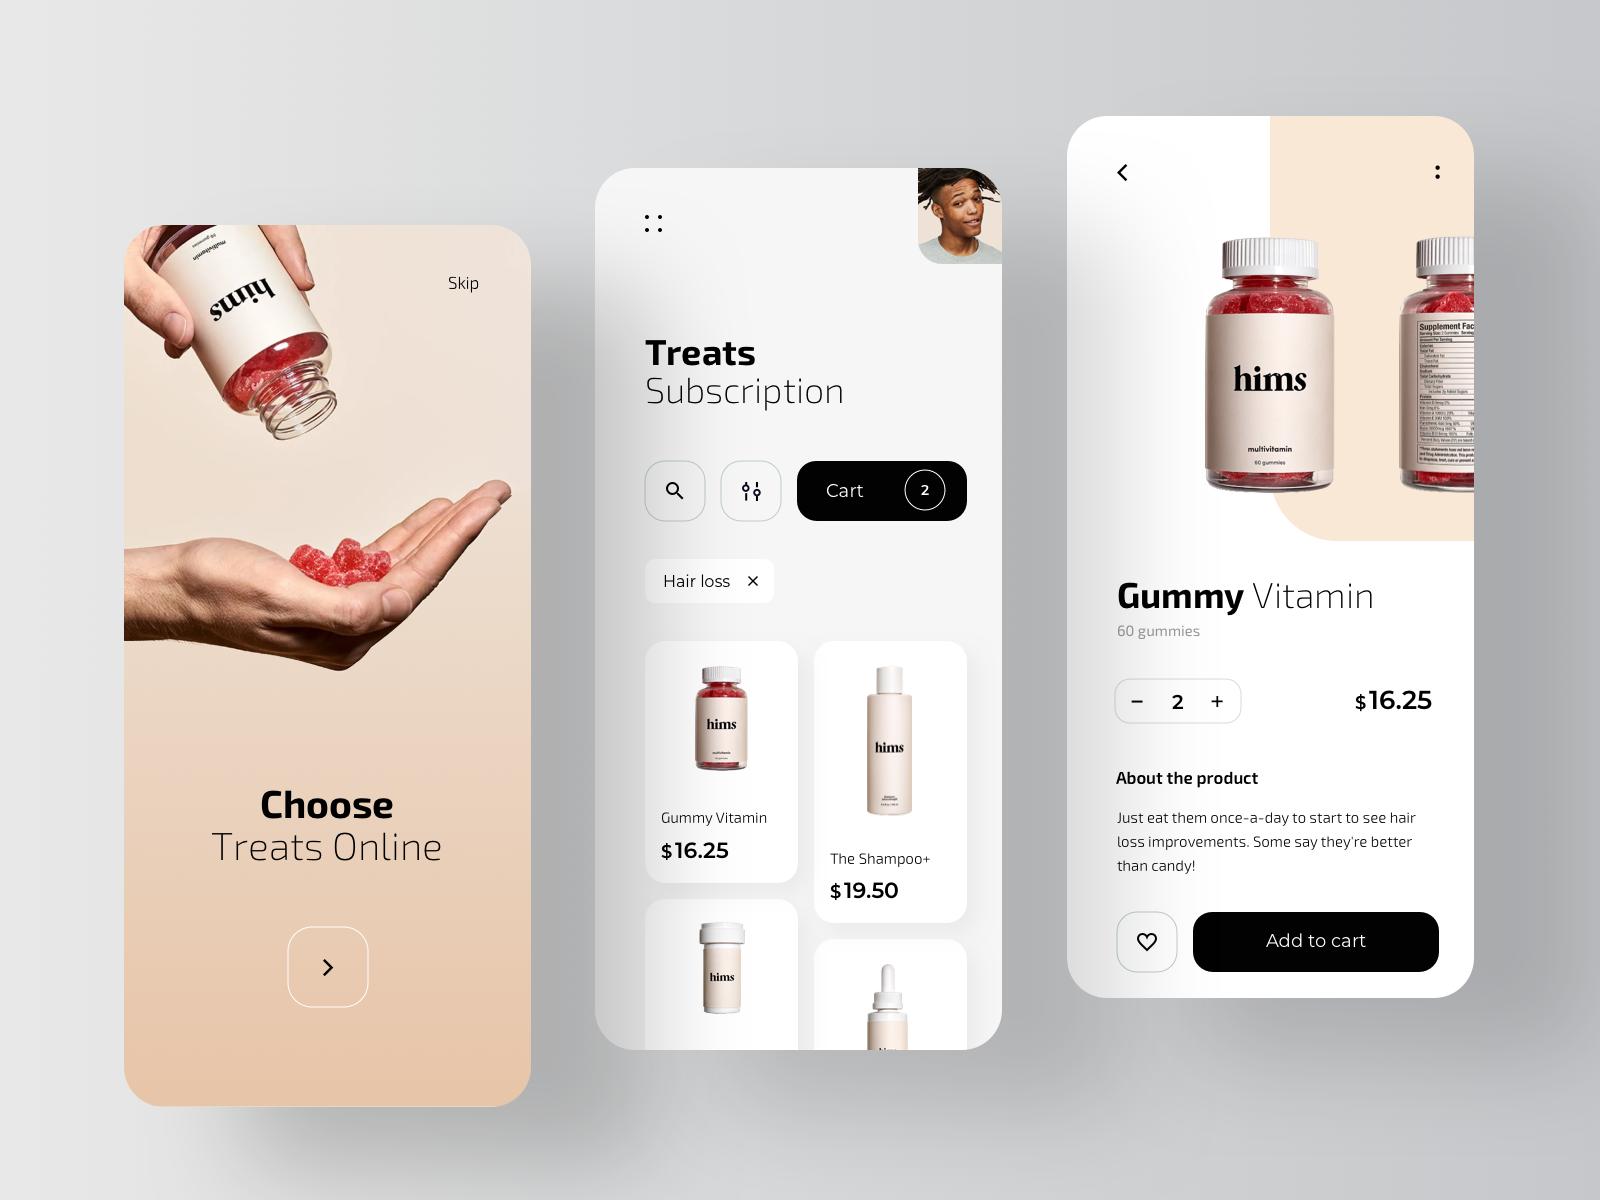 Hims - Pharmacy Mobile Application | Mobile design, Mobile app design, App interface design